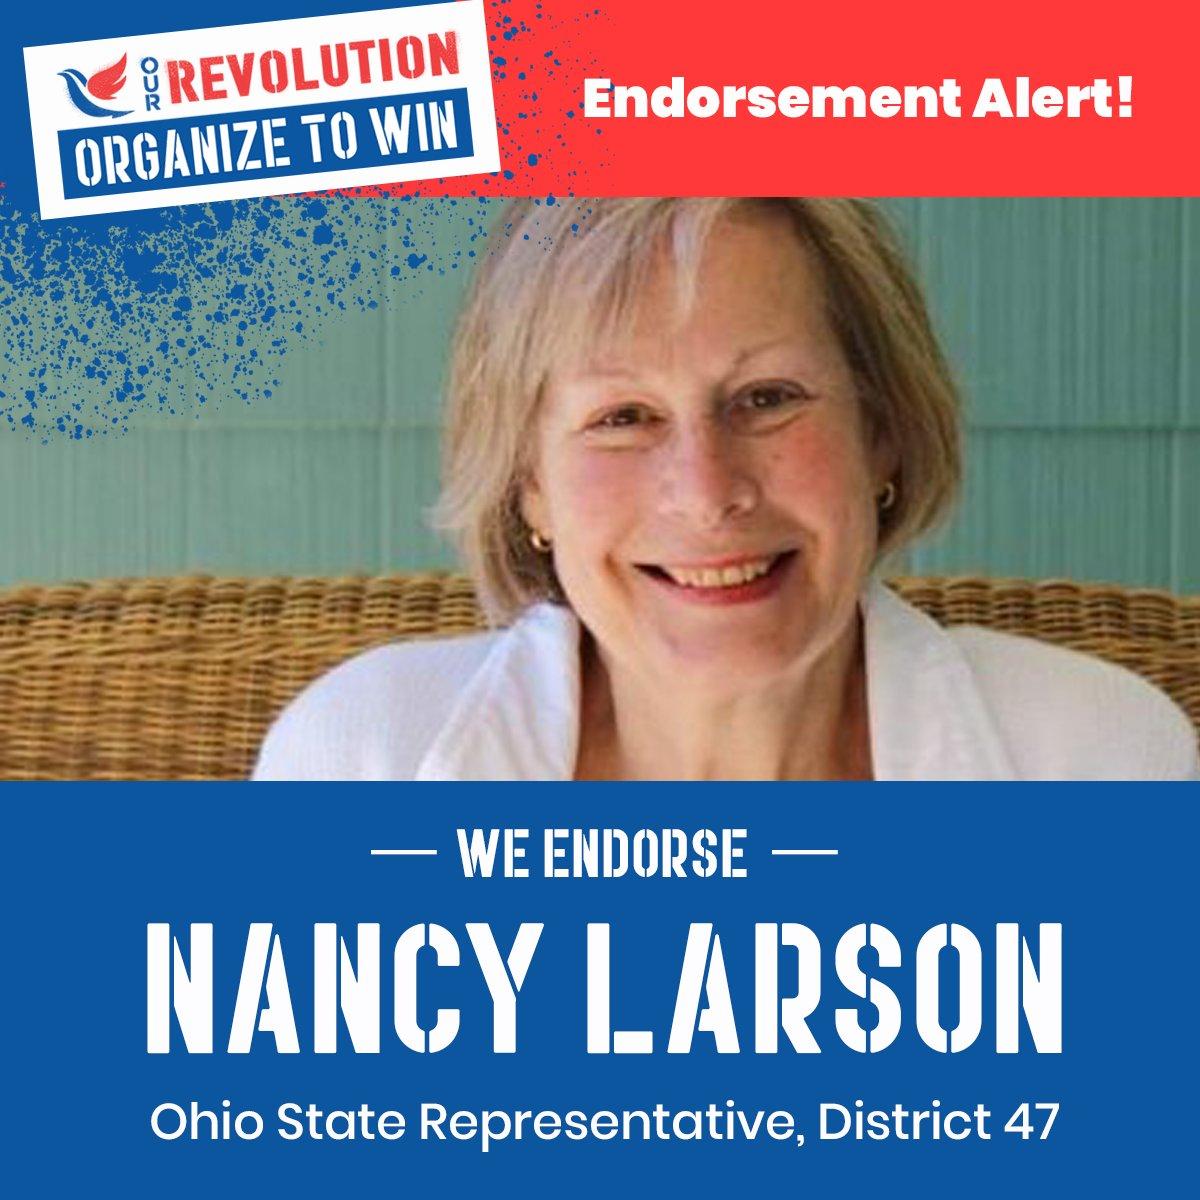 Nancy Larson | Our Revolution